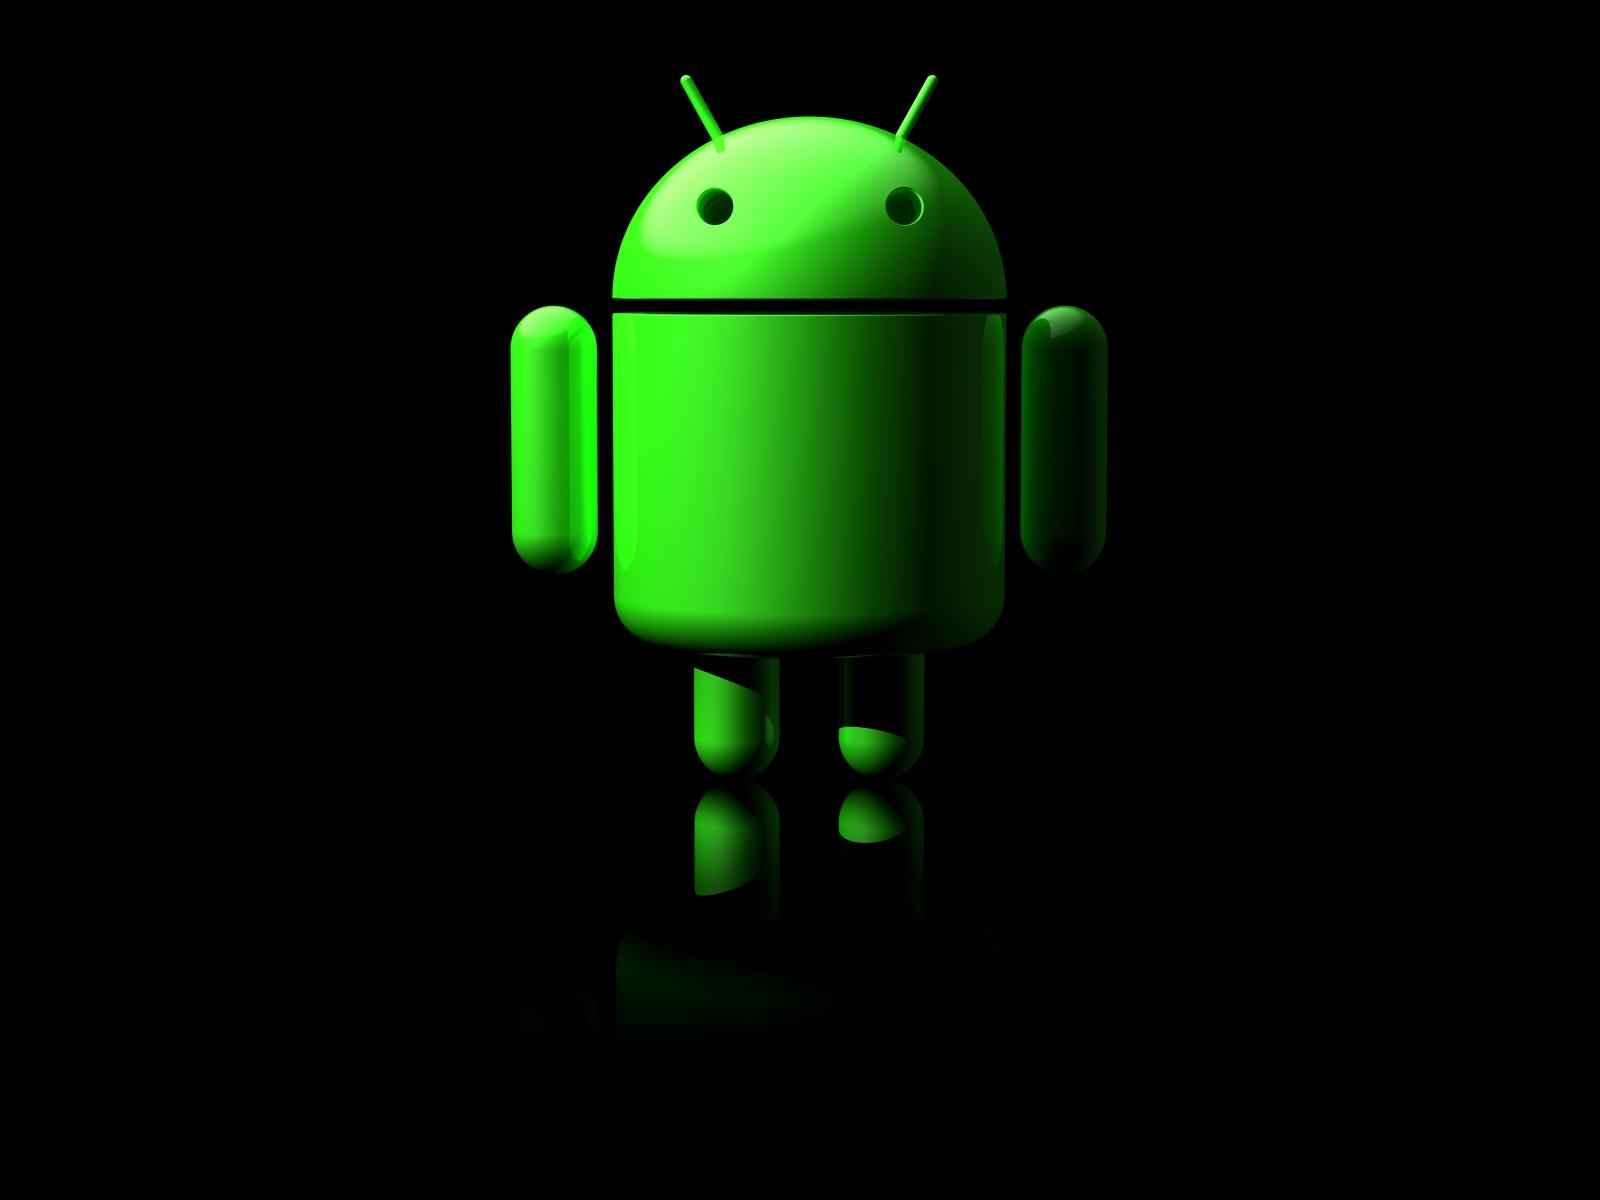 http://3.bp.blogspot.com/-CdwLvHIOvF4/UENIjMD54oI/AAAAAAAAAjA/EBXcsEt-uaE/s1600/android%252Bwallpaper%252B3d%252B1.jpg